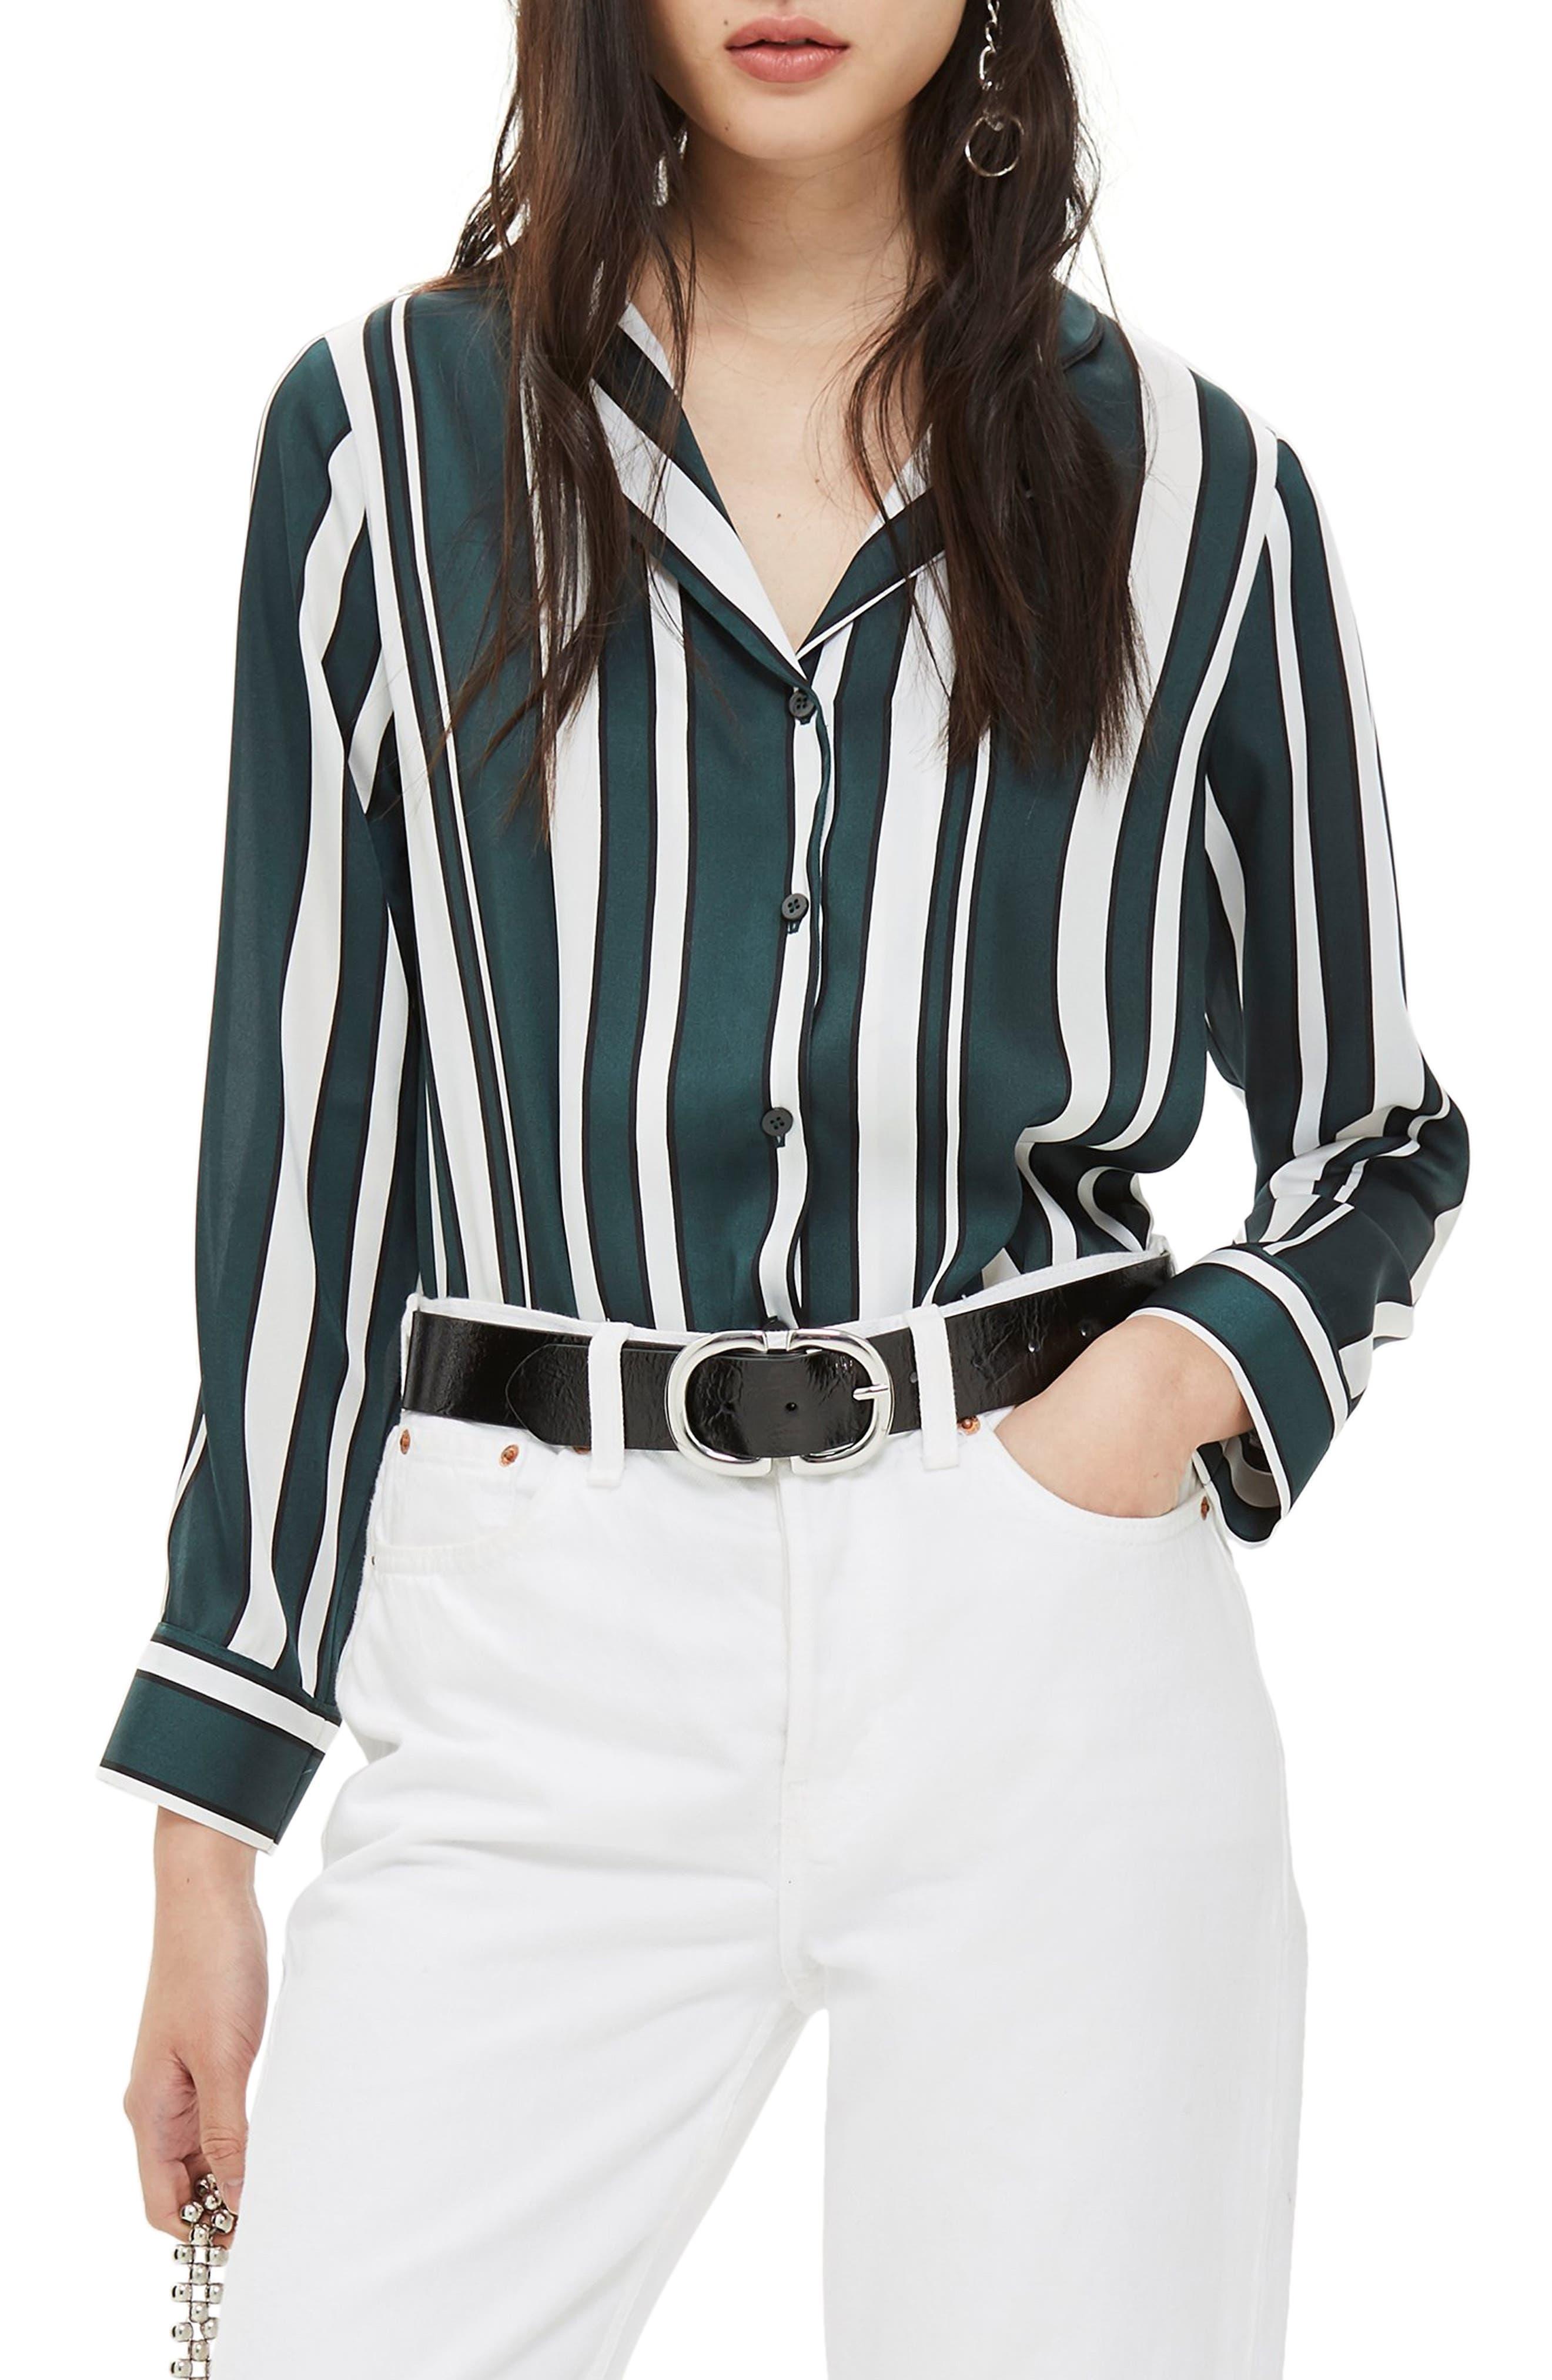 TOPSHOP, Stripe PJ Shirt, Main thumbnail 1, color, GREEN MULTI